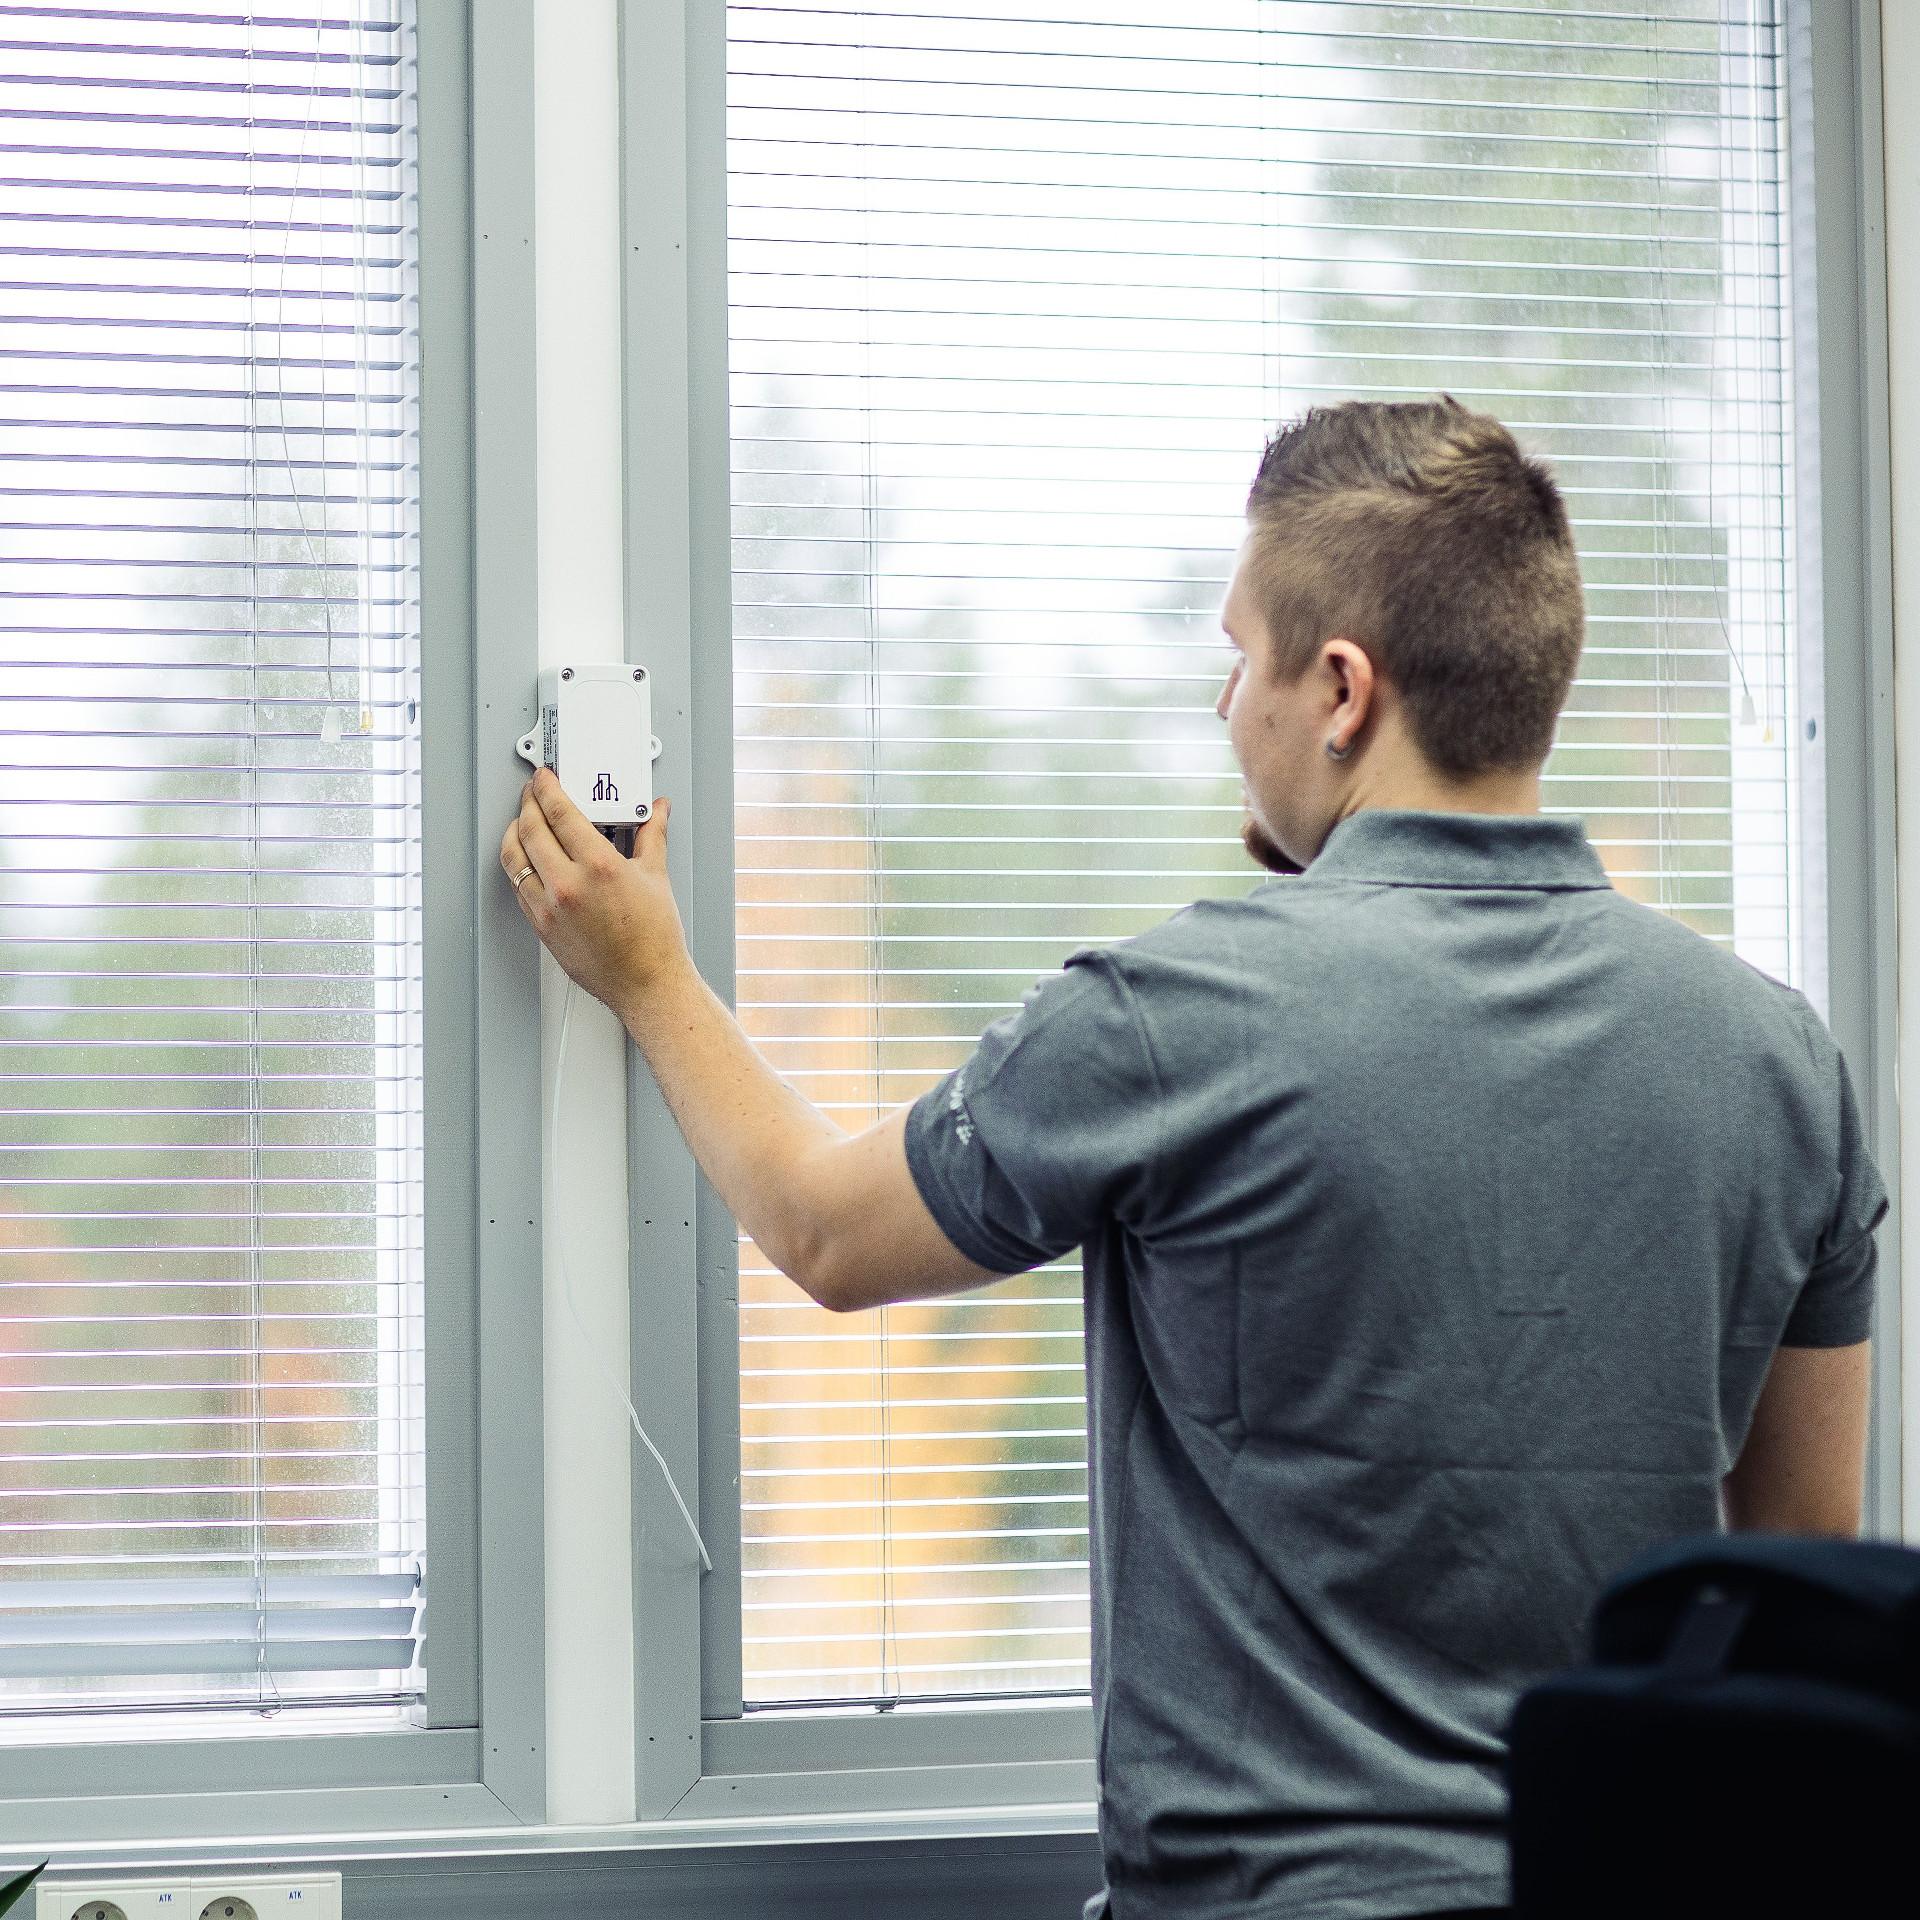 SLI-tutkimuksessa tutkitaan ilmanvaihtojärjestelmän kuntoa ja sitä voidaan helposti seurata tutkimusraportin avulla